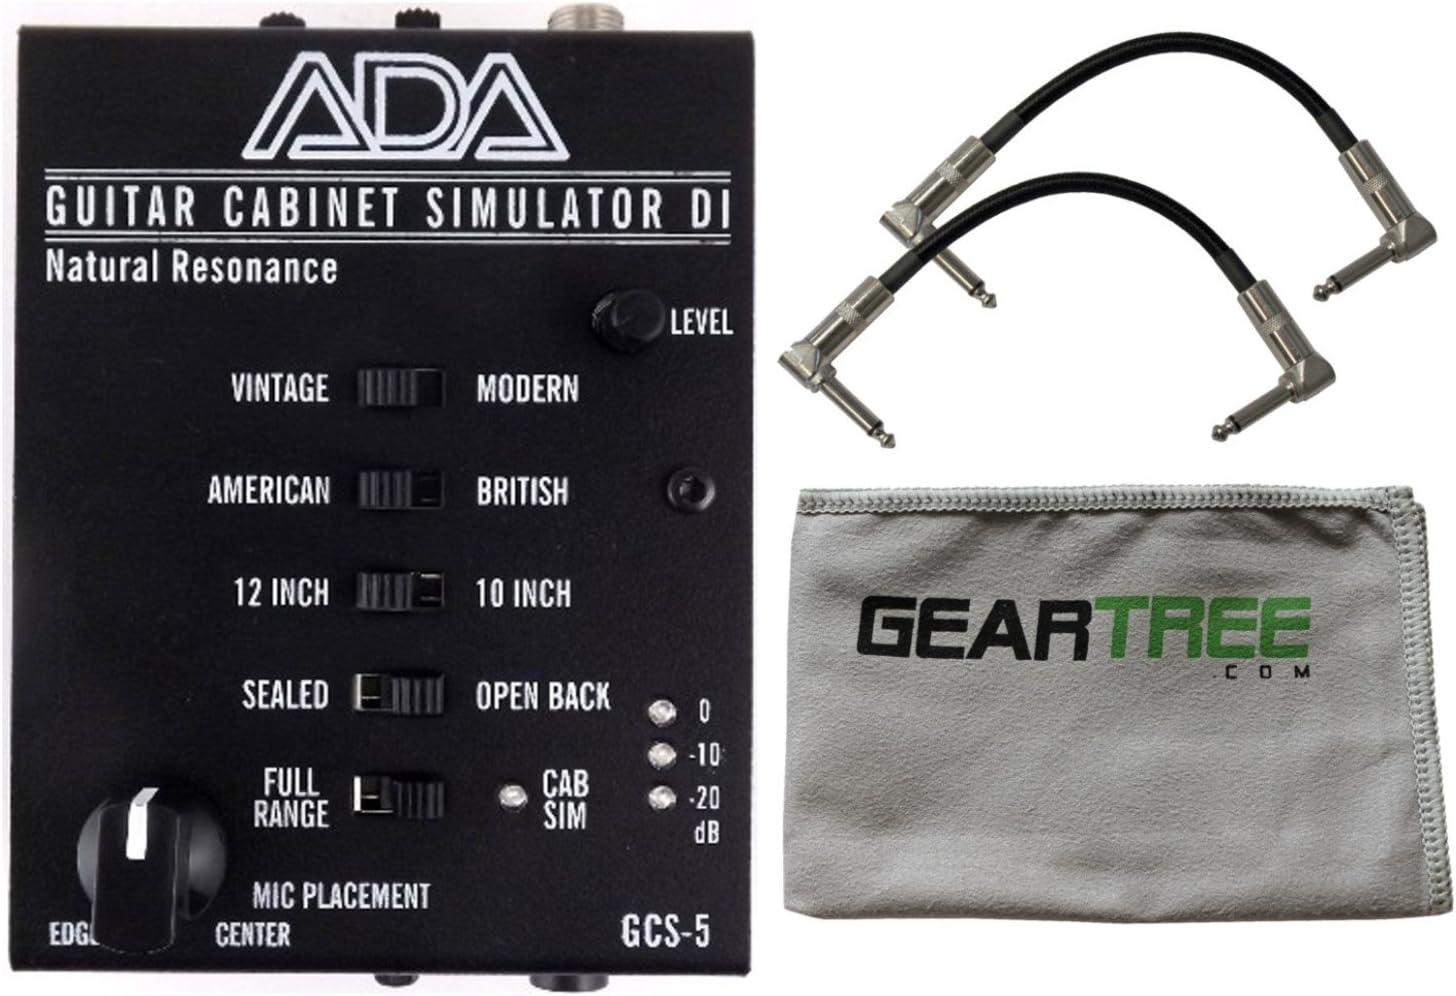 Ada gcs-5 Natural resonancia guitarra armario simulación y di un/Da cabina SIM w/gamuza de limpieza y 2 cables